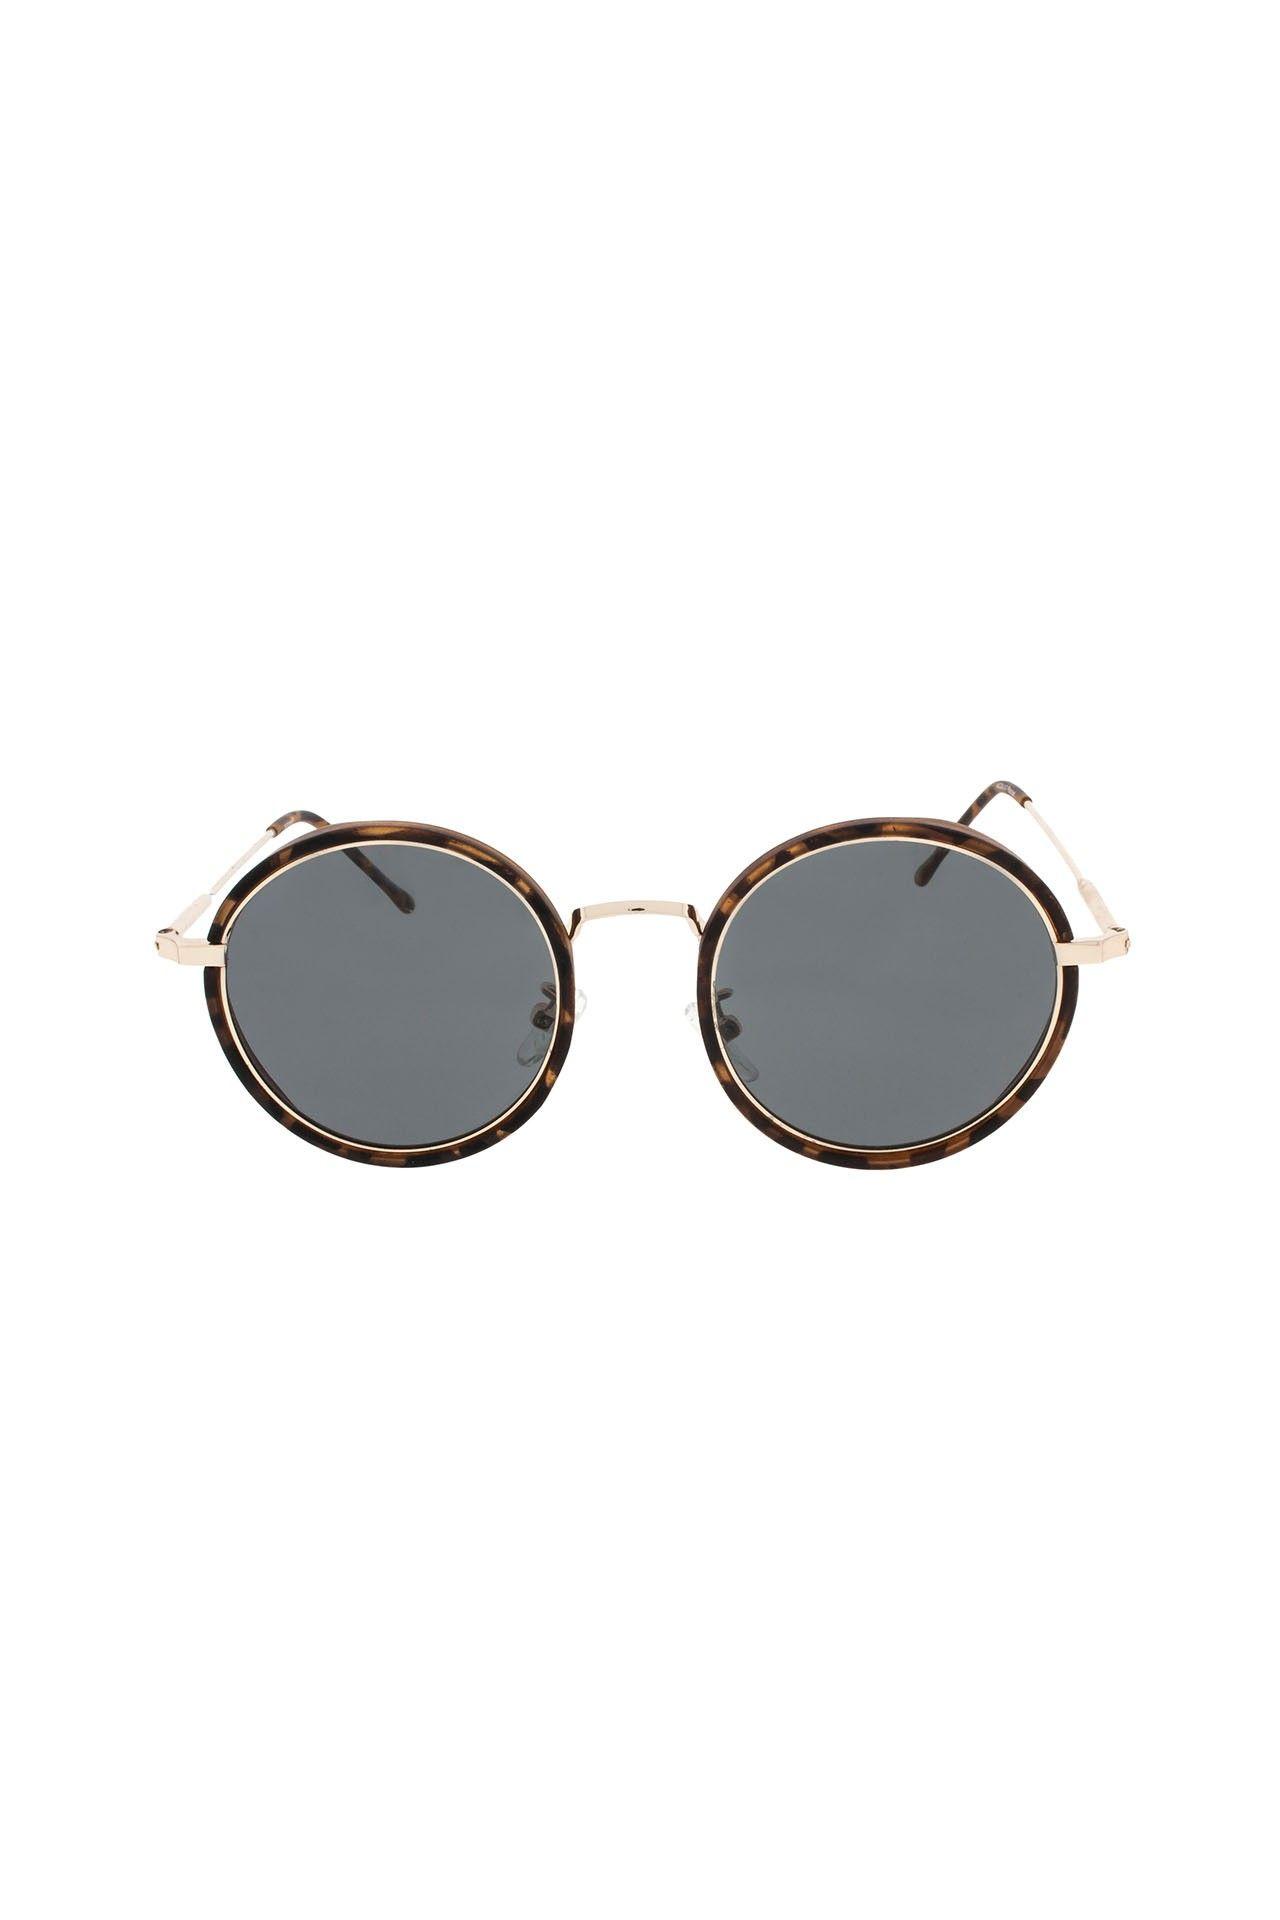 Afbeelding van Icon Eyewear 16M6019 A Zonnebril Matt Darkbrown Demi Frame